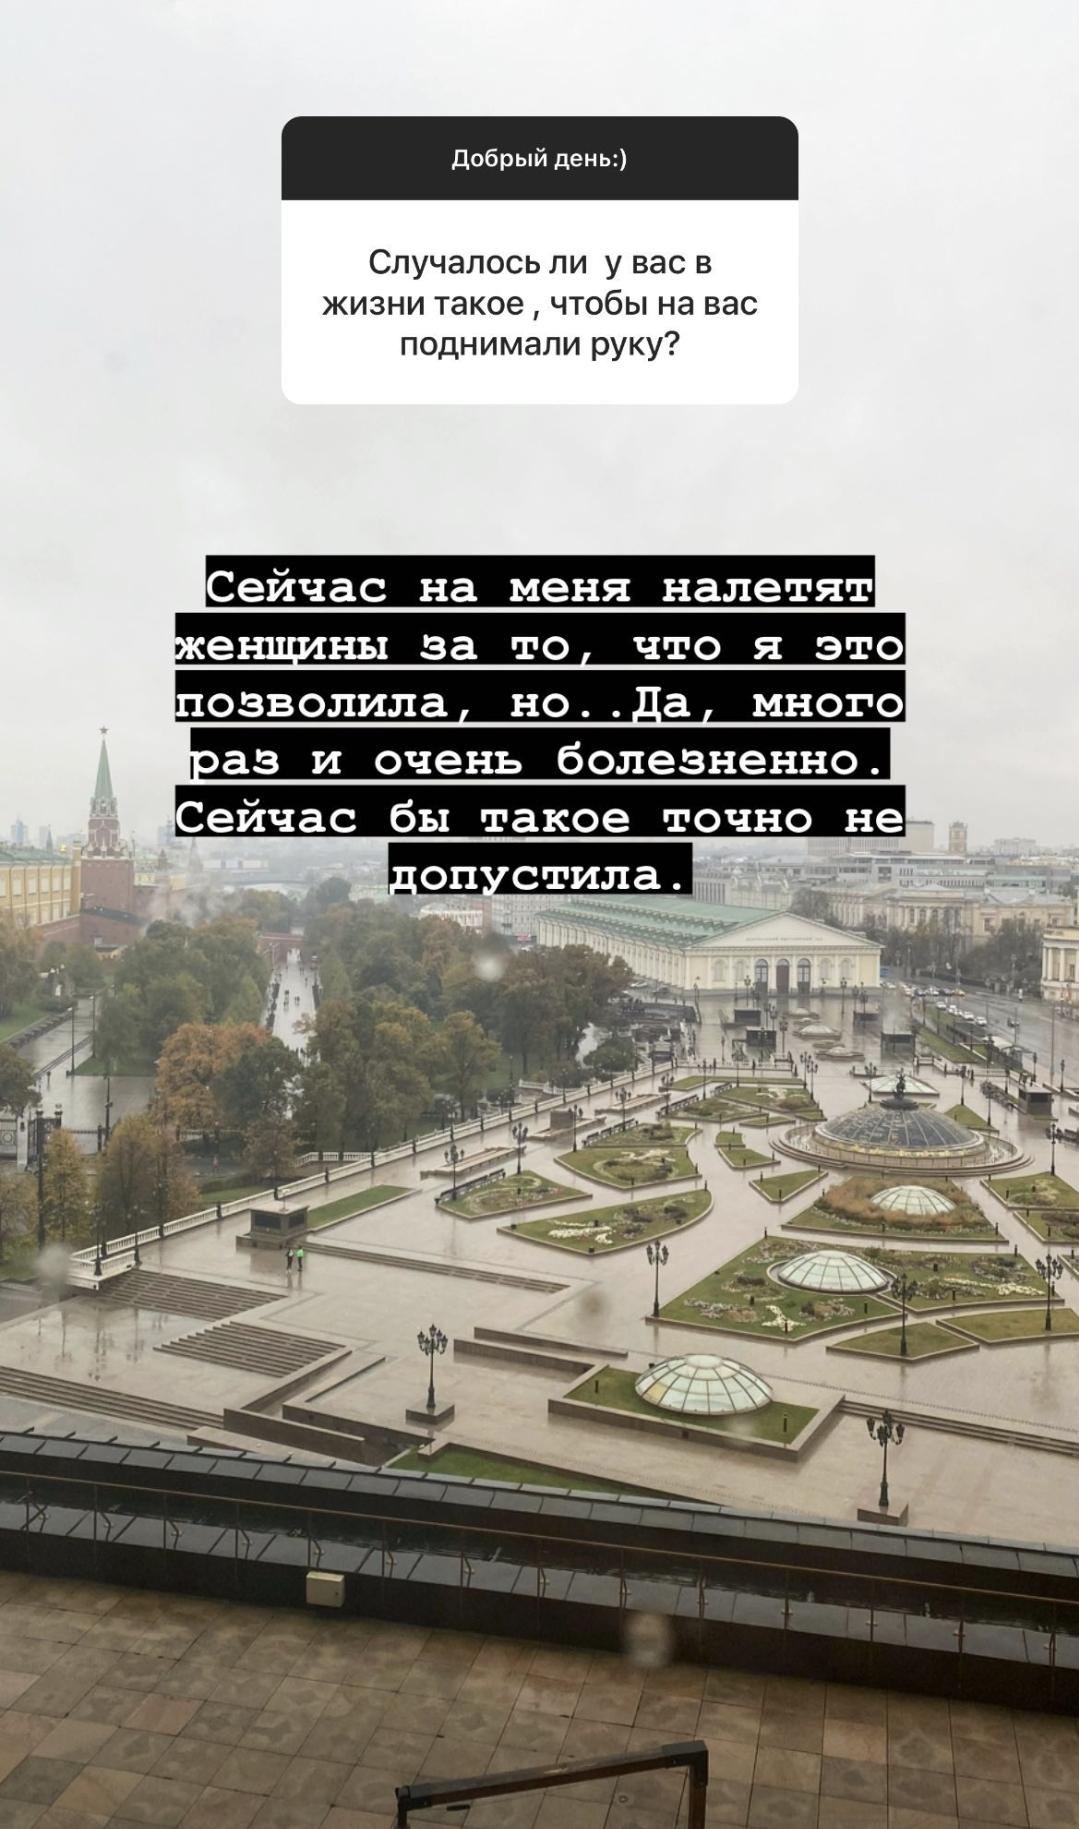 """""""Много раз и очень болезненно"""": Анастасия Решетова призналась, что мужчина часто бил её"""